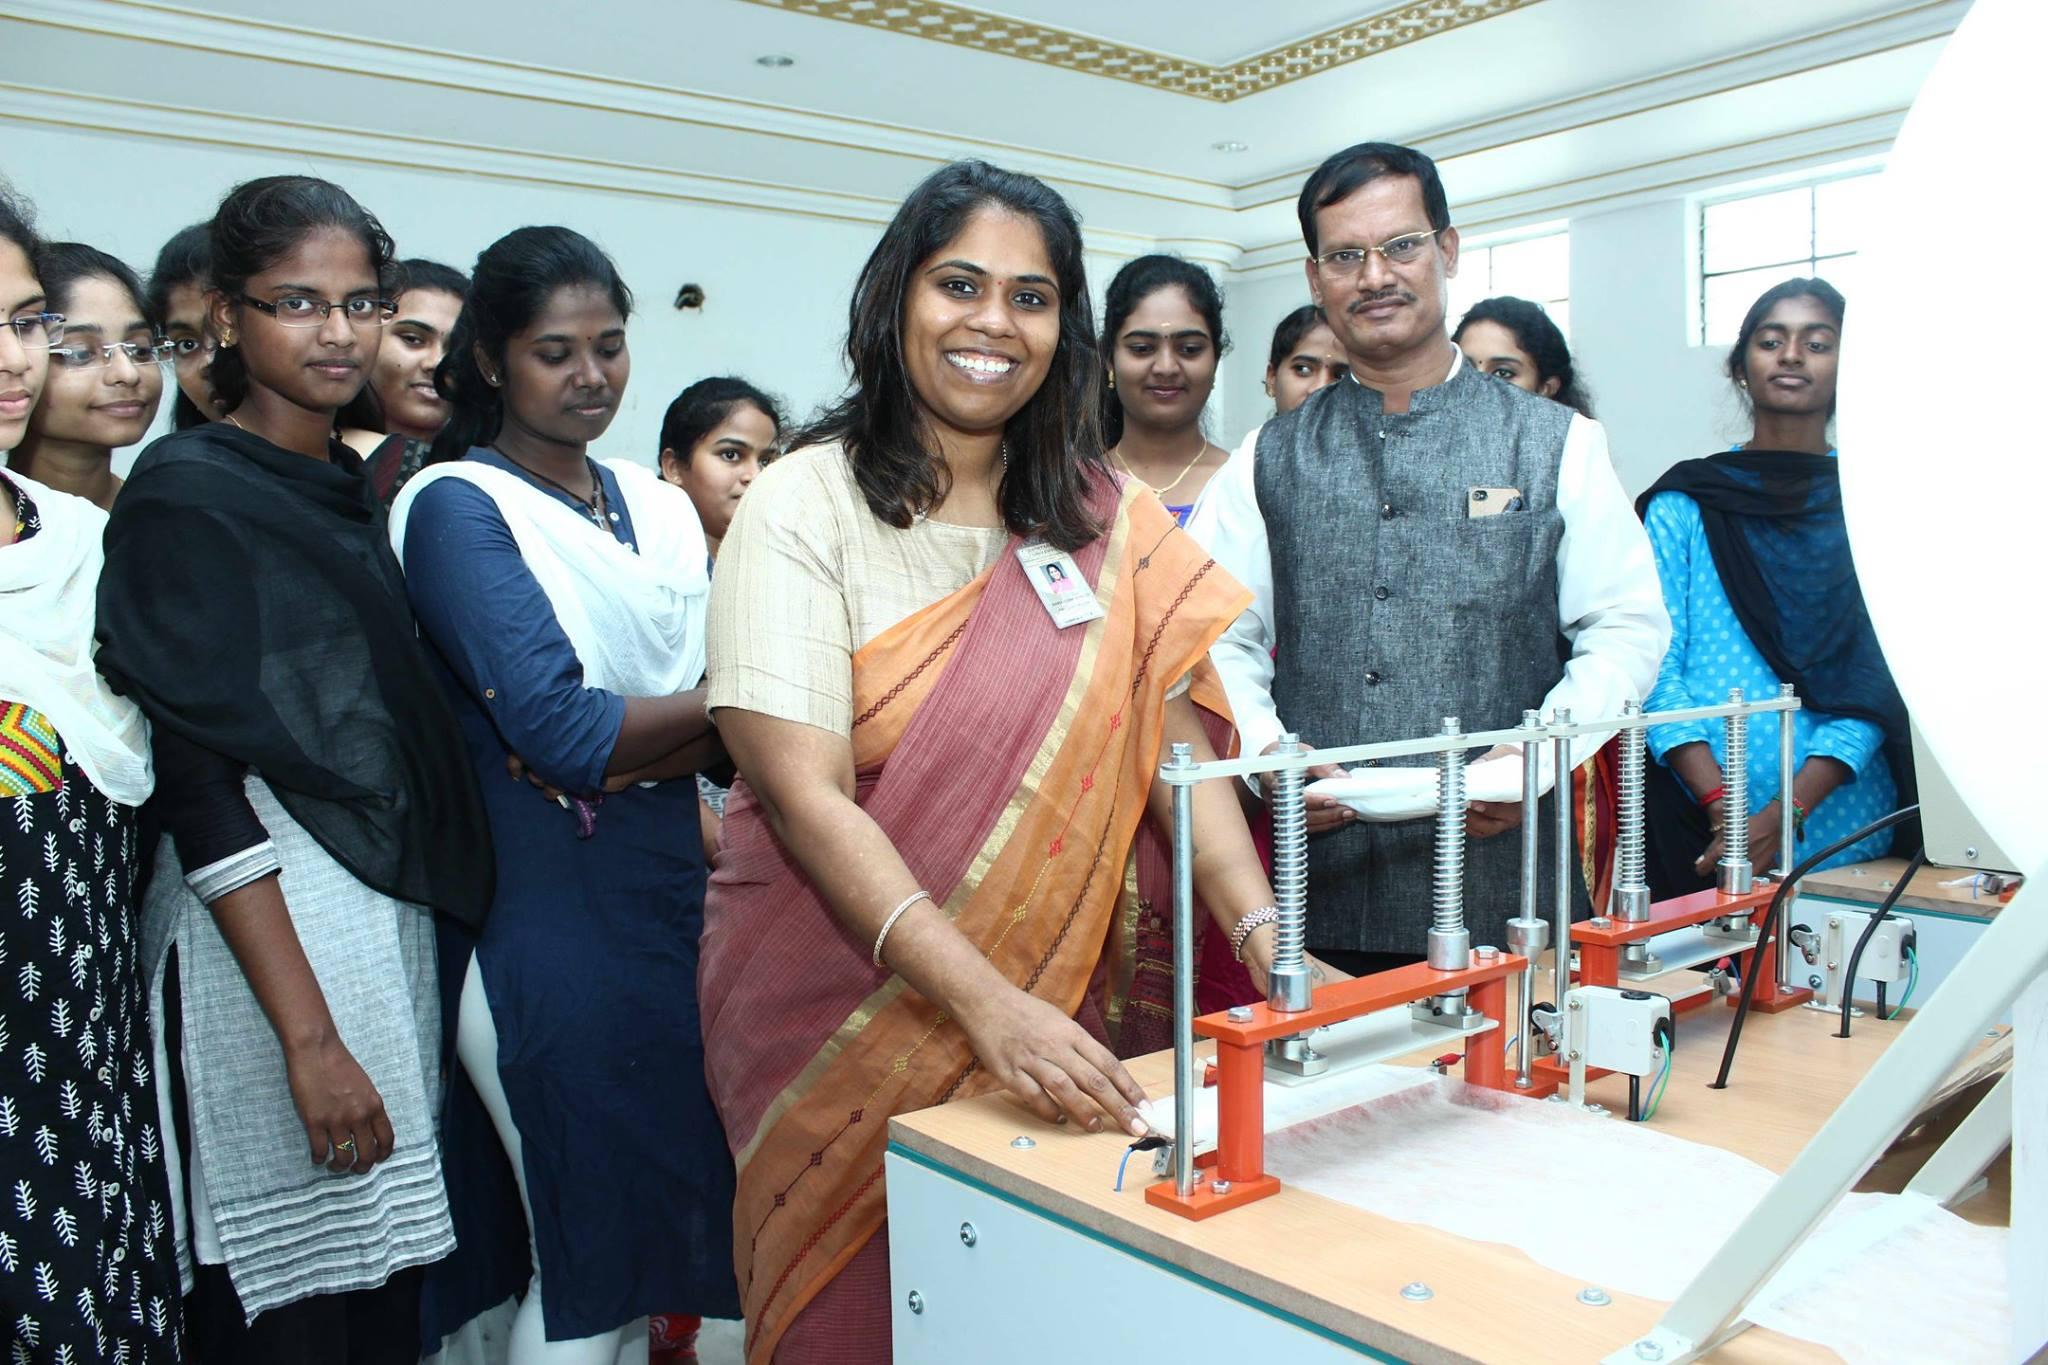 Гигиена женщин Индии с устройствами Аруначалама Муруганантама стала доступнее.